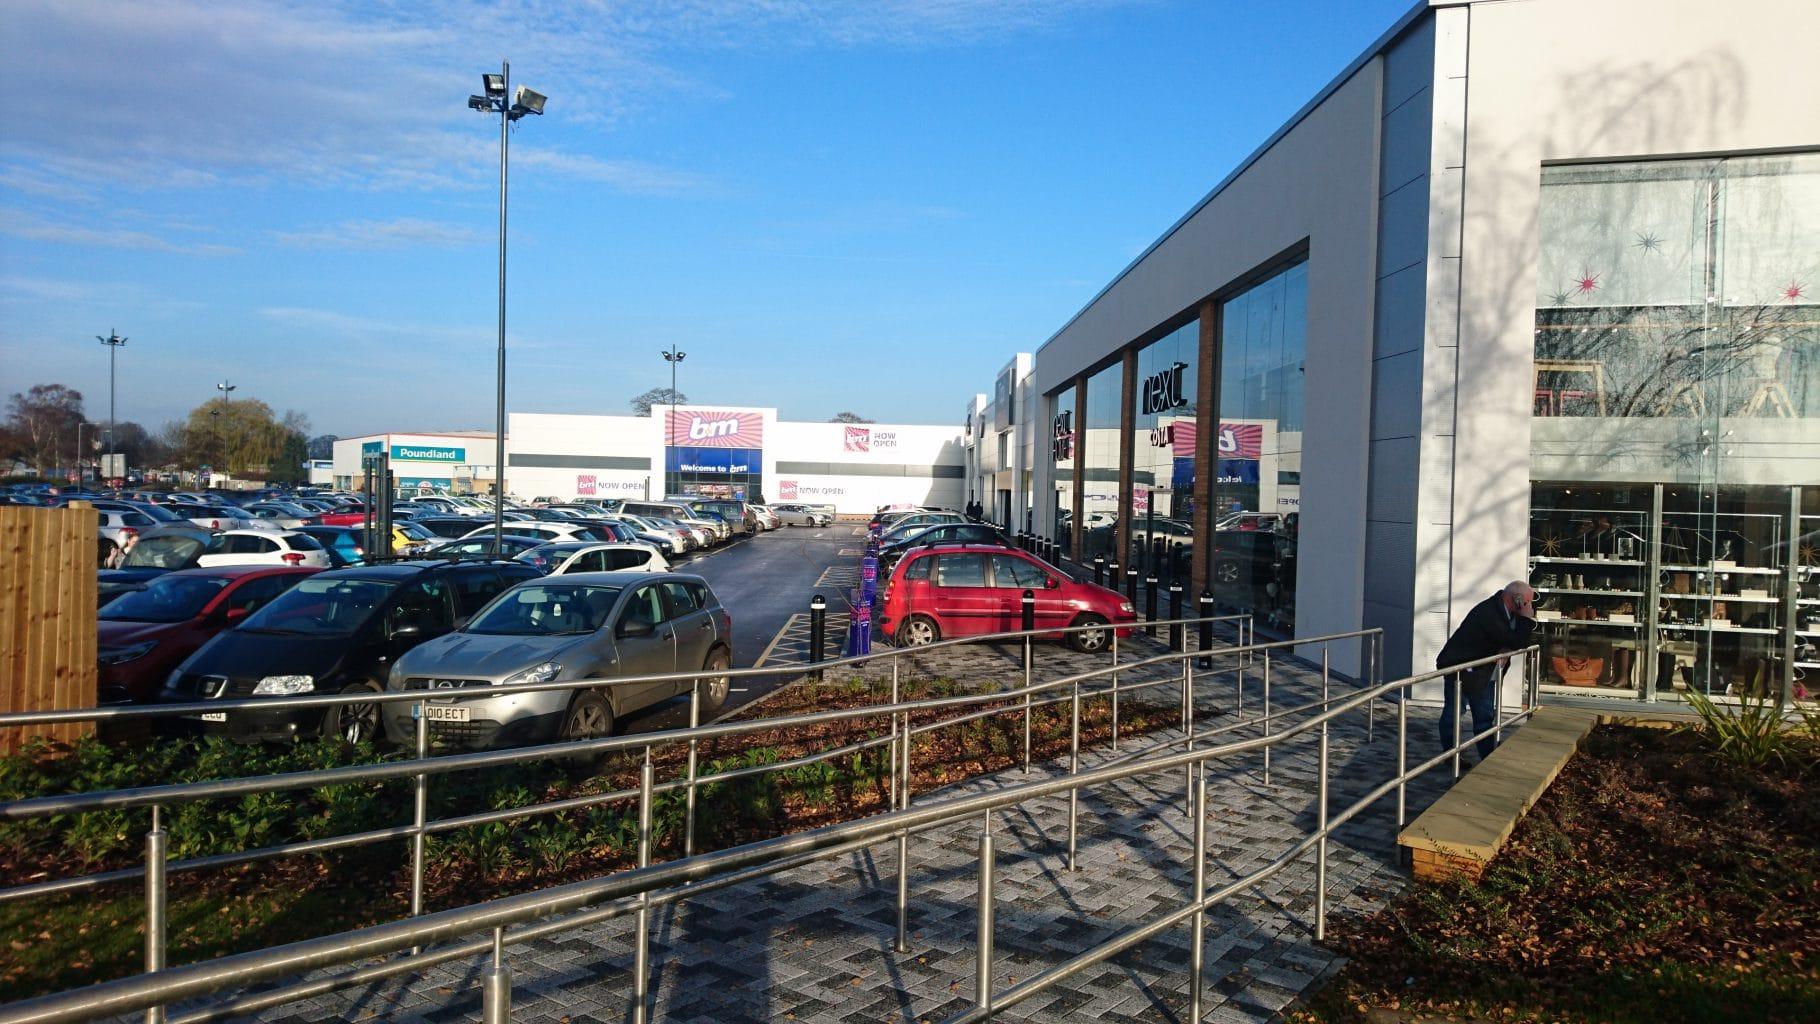 Pierpoint Retail Park Kings Lynn